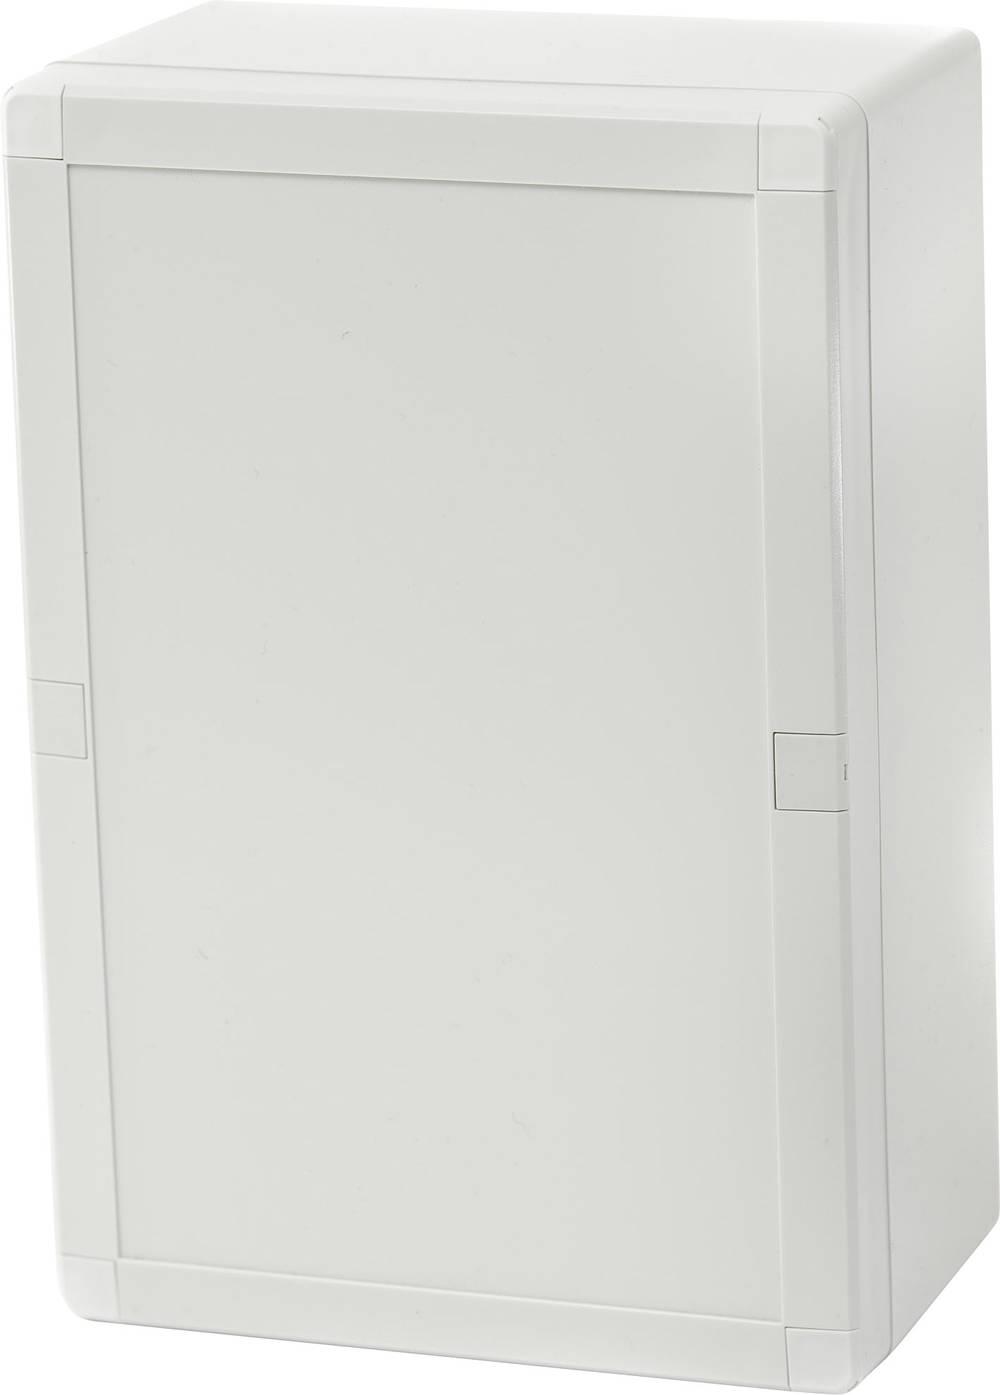 Kabinet til montering på væggen, Installationskabinet Fibox EURONORD 3 ABQ3 162409 244 x 164 x 90 ABS 1 stk